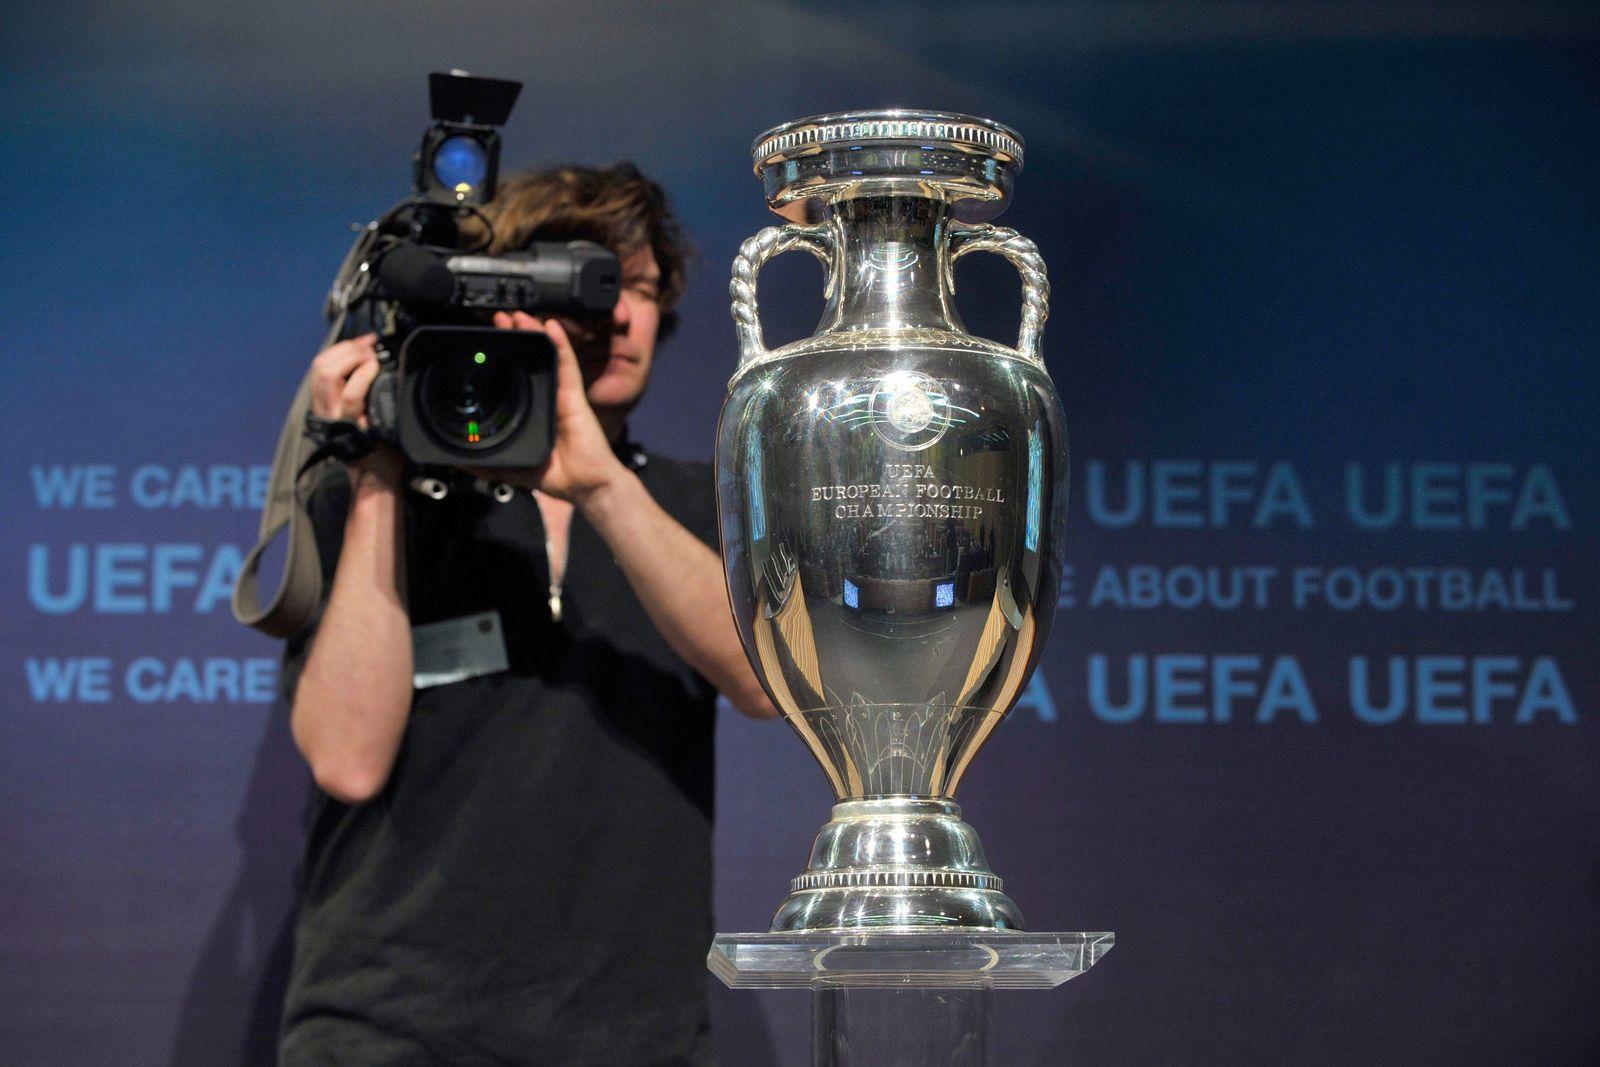 Fußball-EM 2016 - Pokal